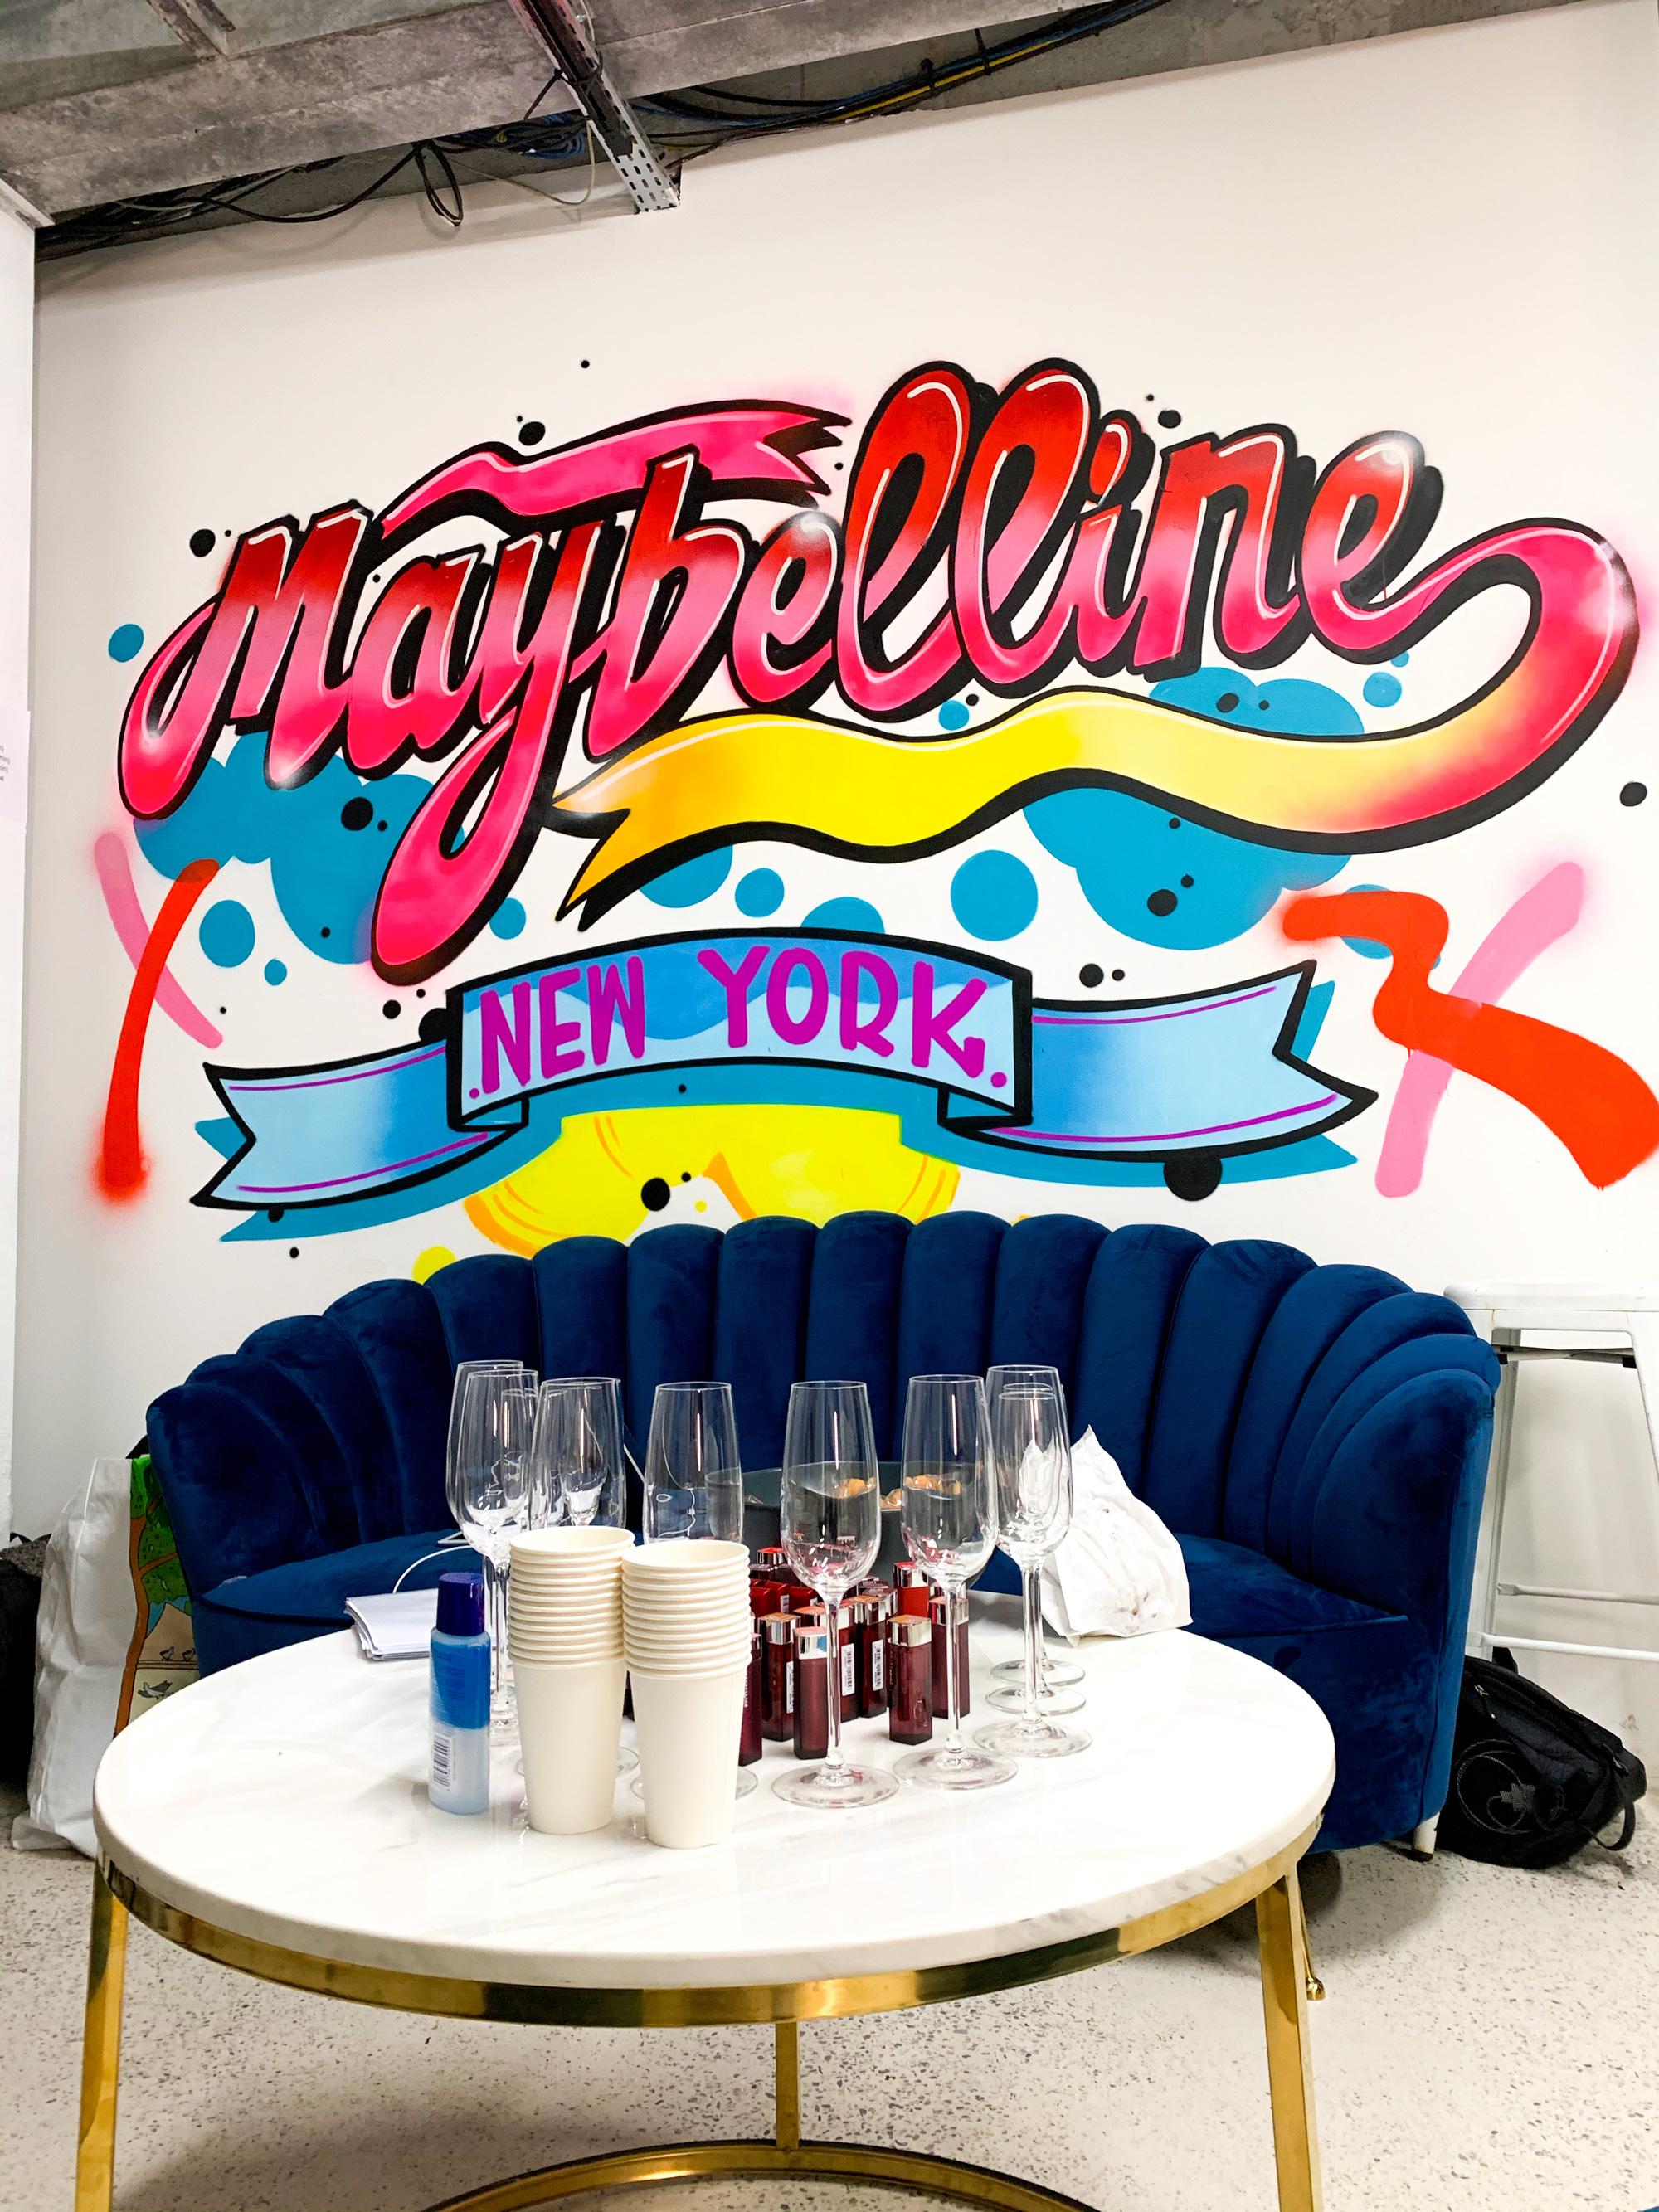 décoration graffiti sur mur pour Meybelline